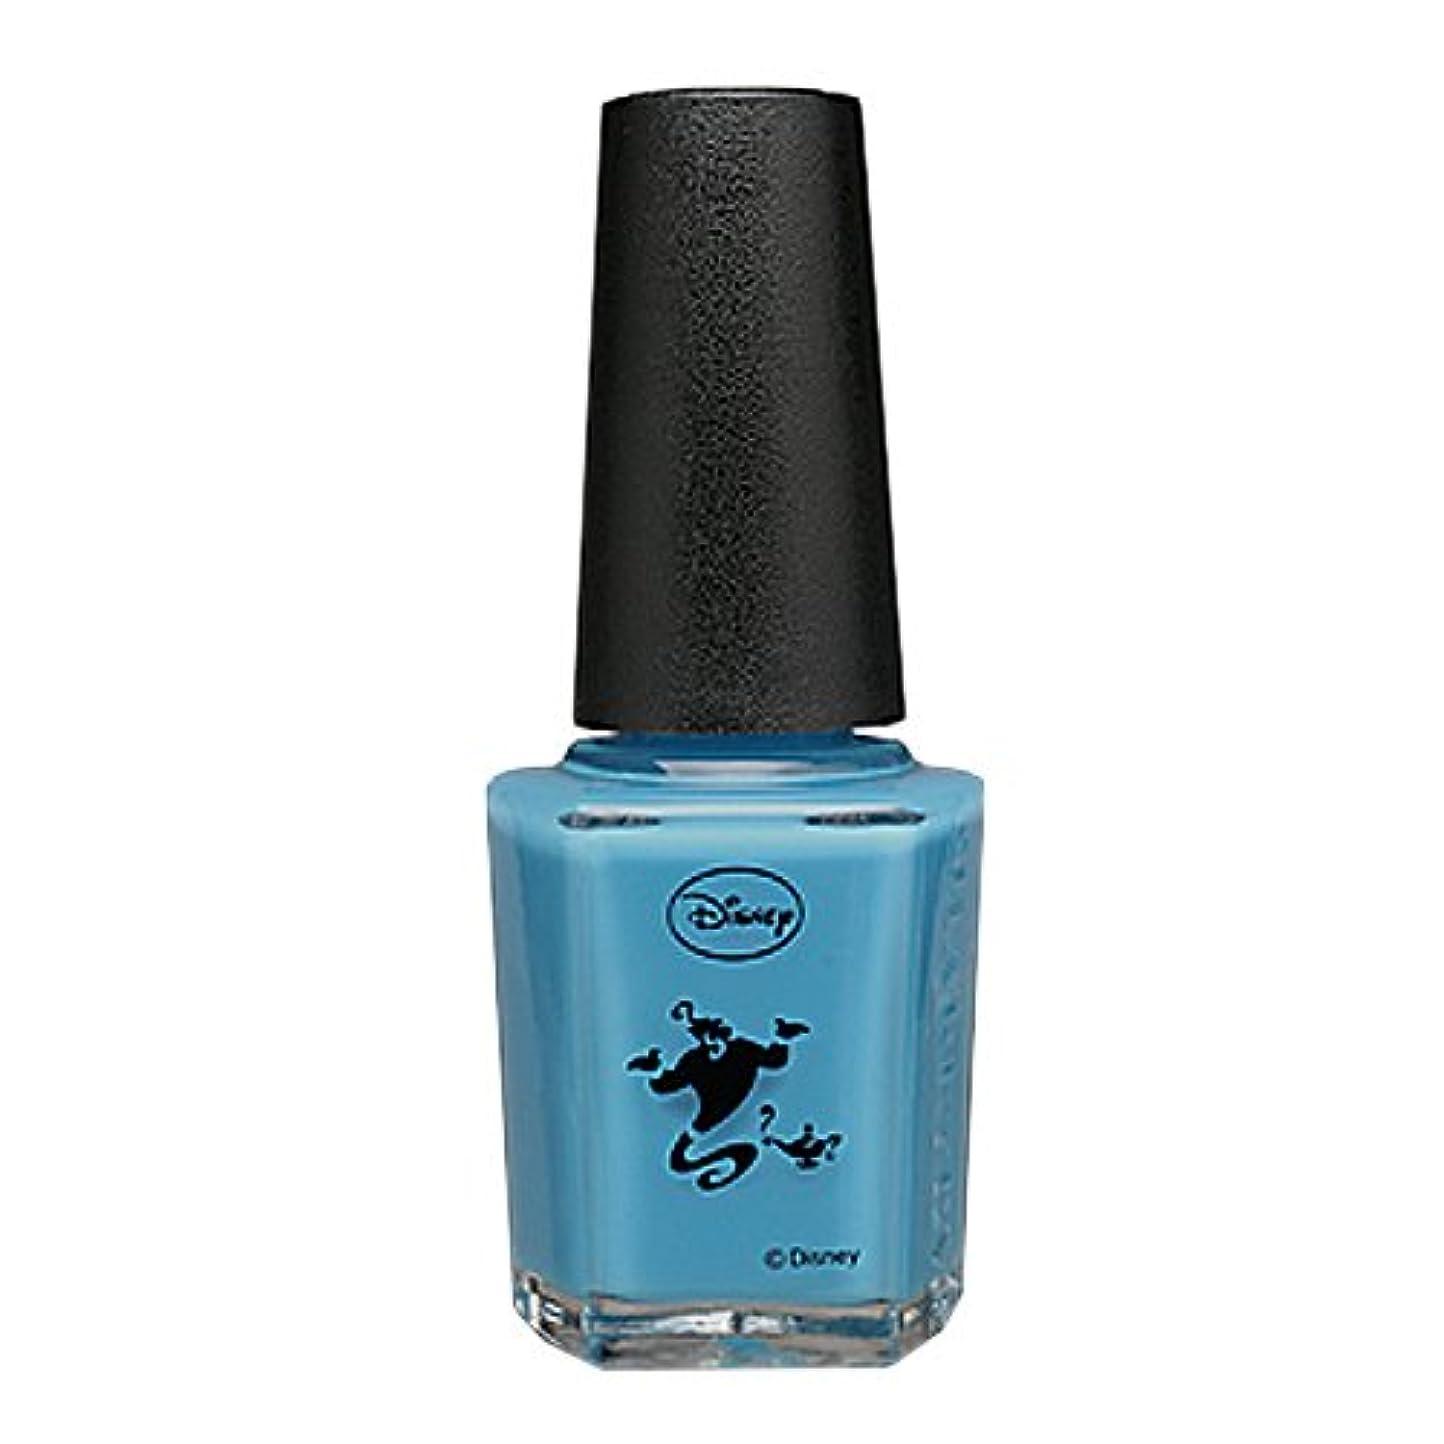 SHAREYDVA カラー No.90 エキゾチックブルー 15ml